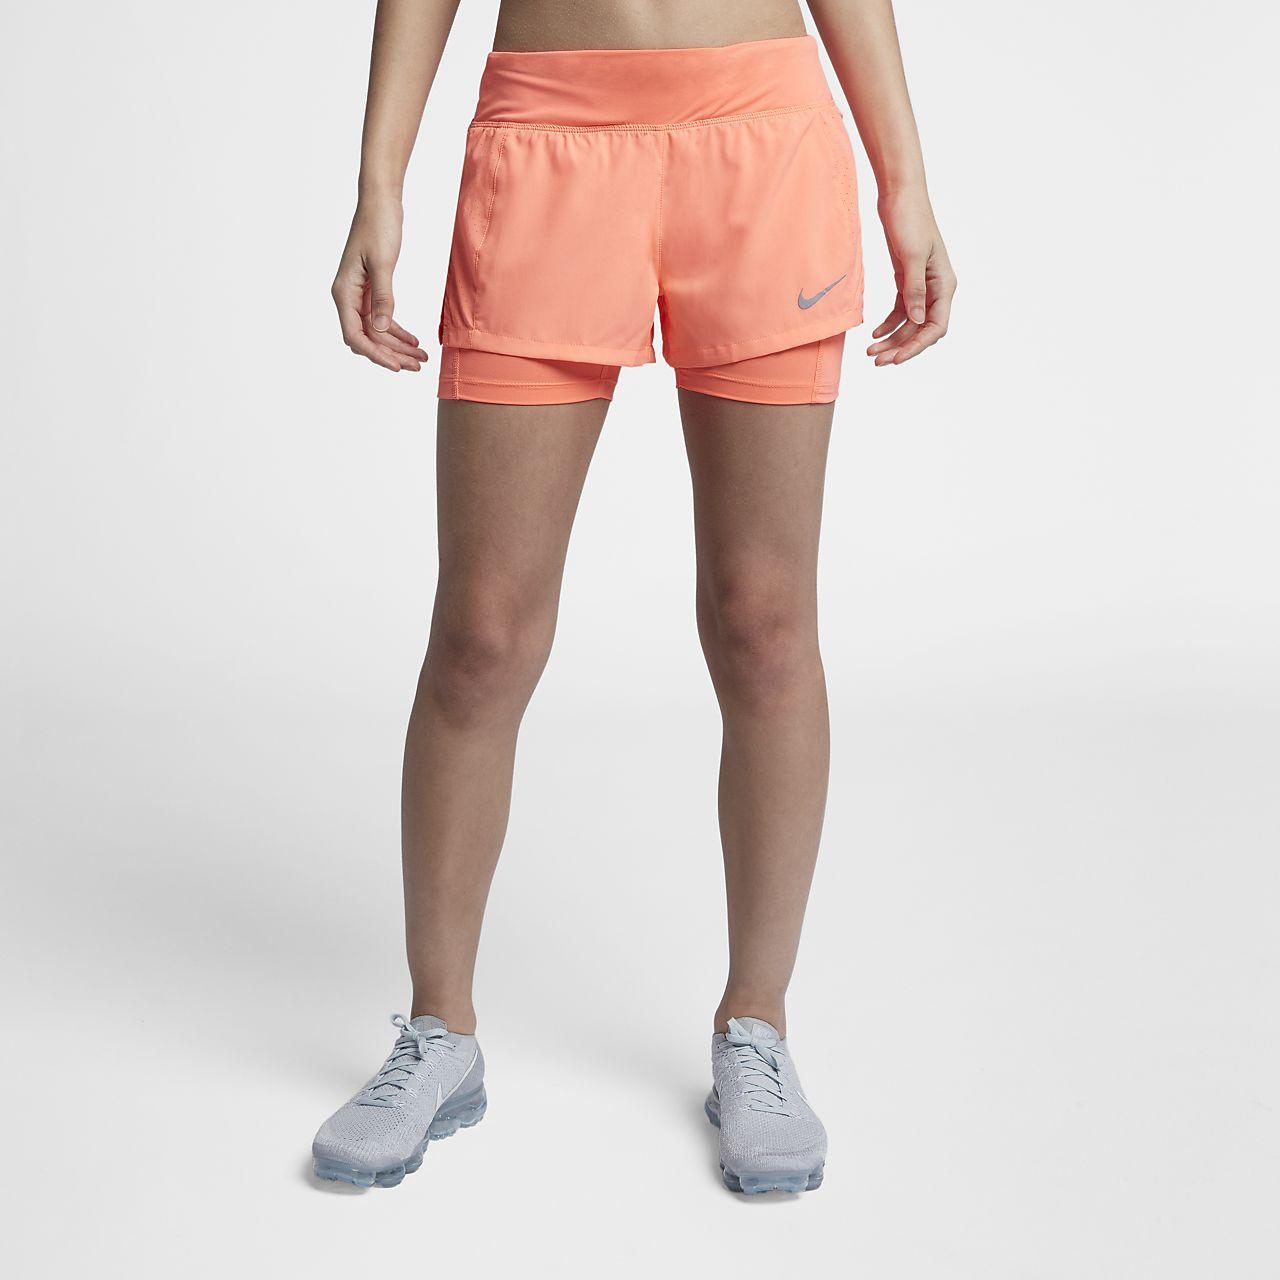 cdf01d7126595 Short femme nike running - Vetement fitness et mode